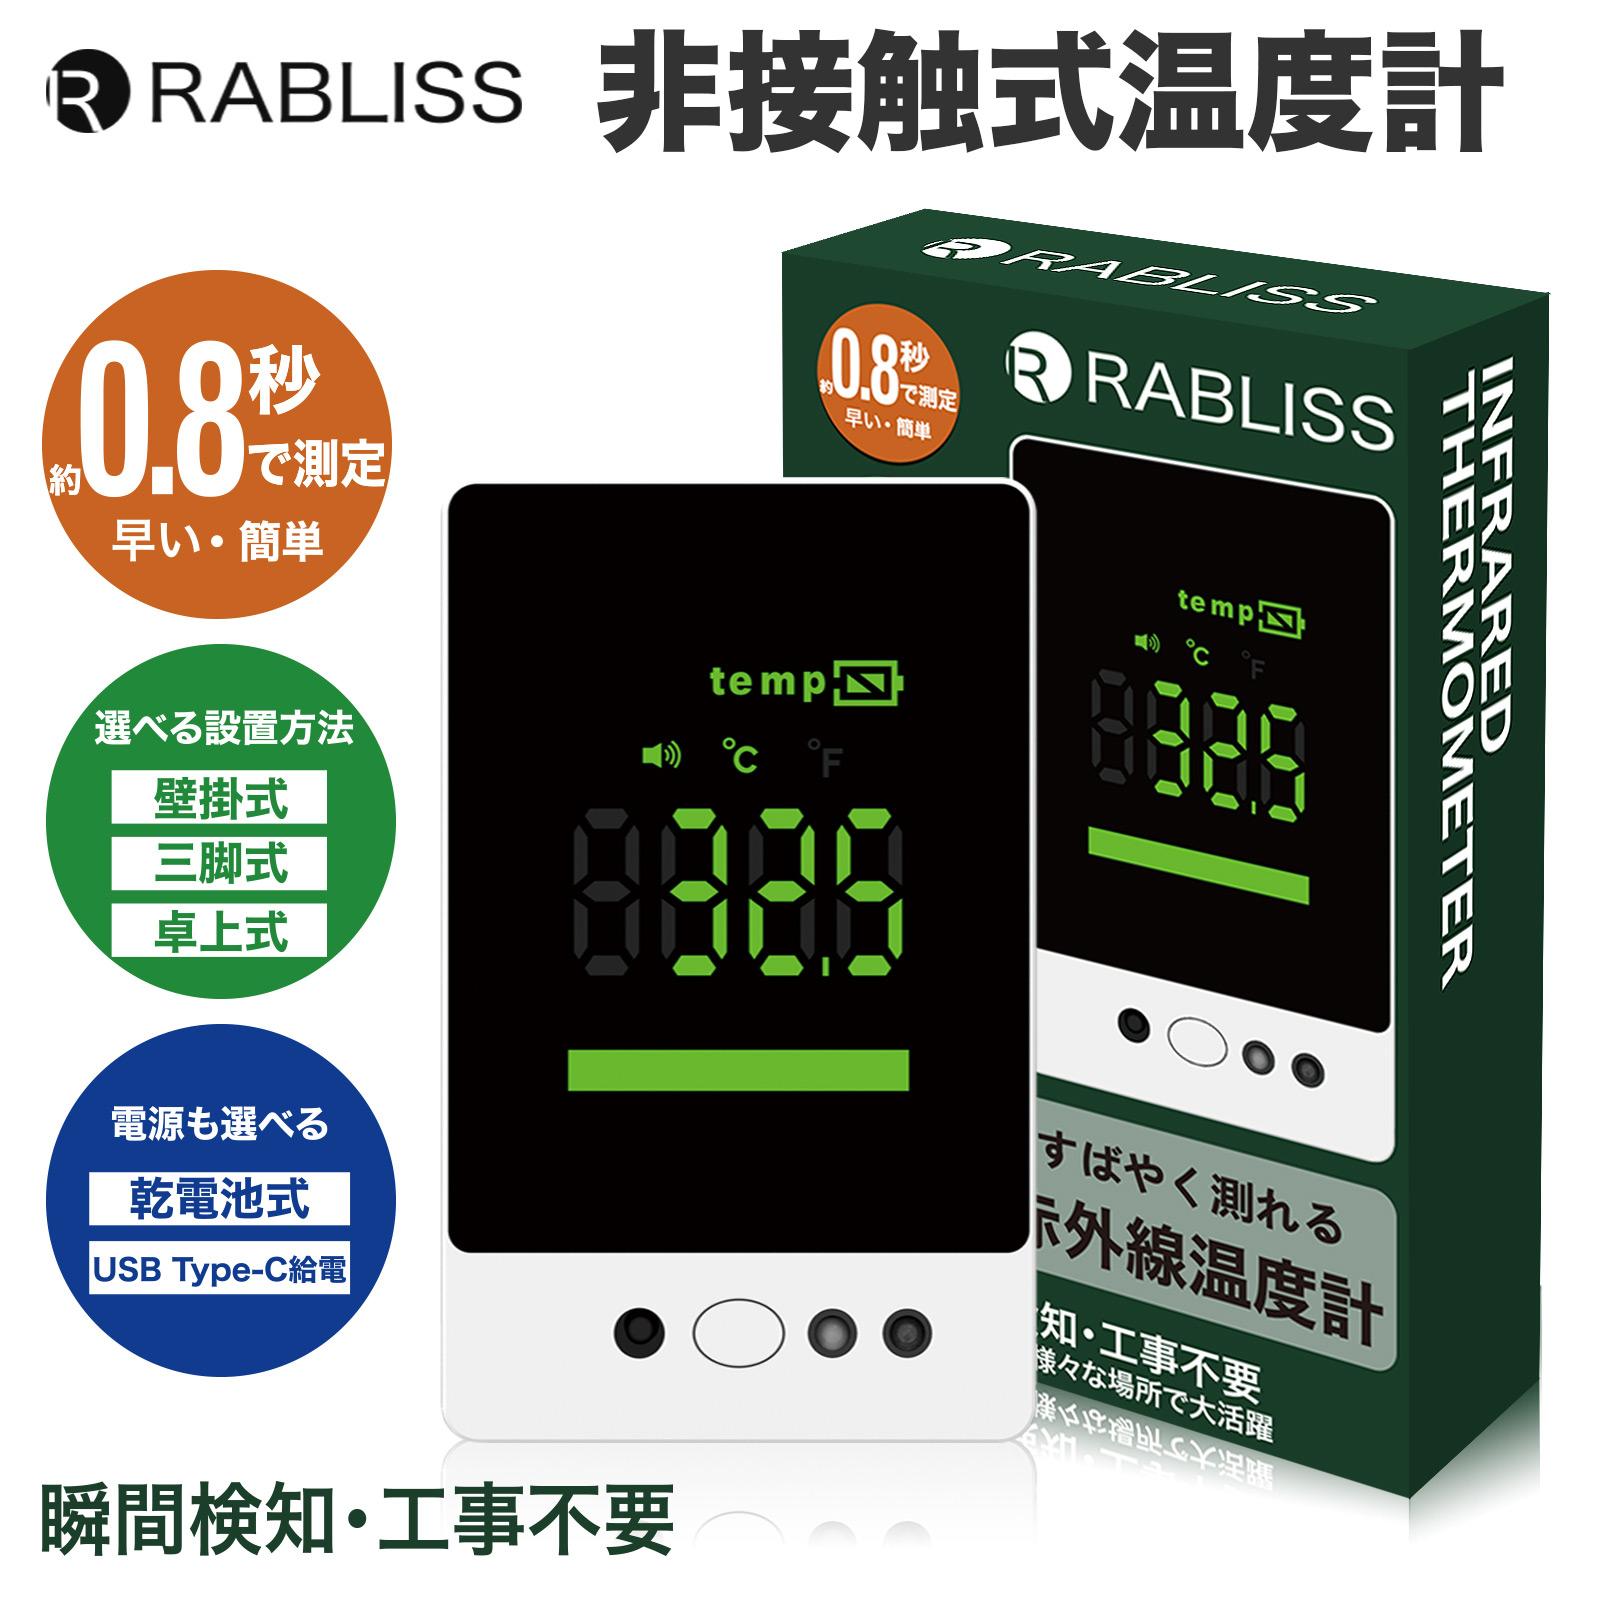 ★日本在庫有り 即納★ 非接触式温度計 ノータッチ 自動温度測定器 壁掛け・置き 両用 自動感応  センサー